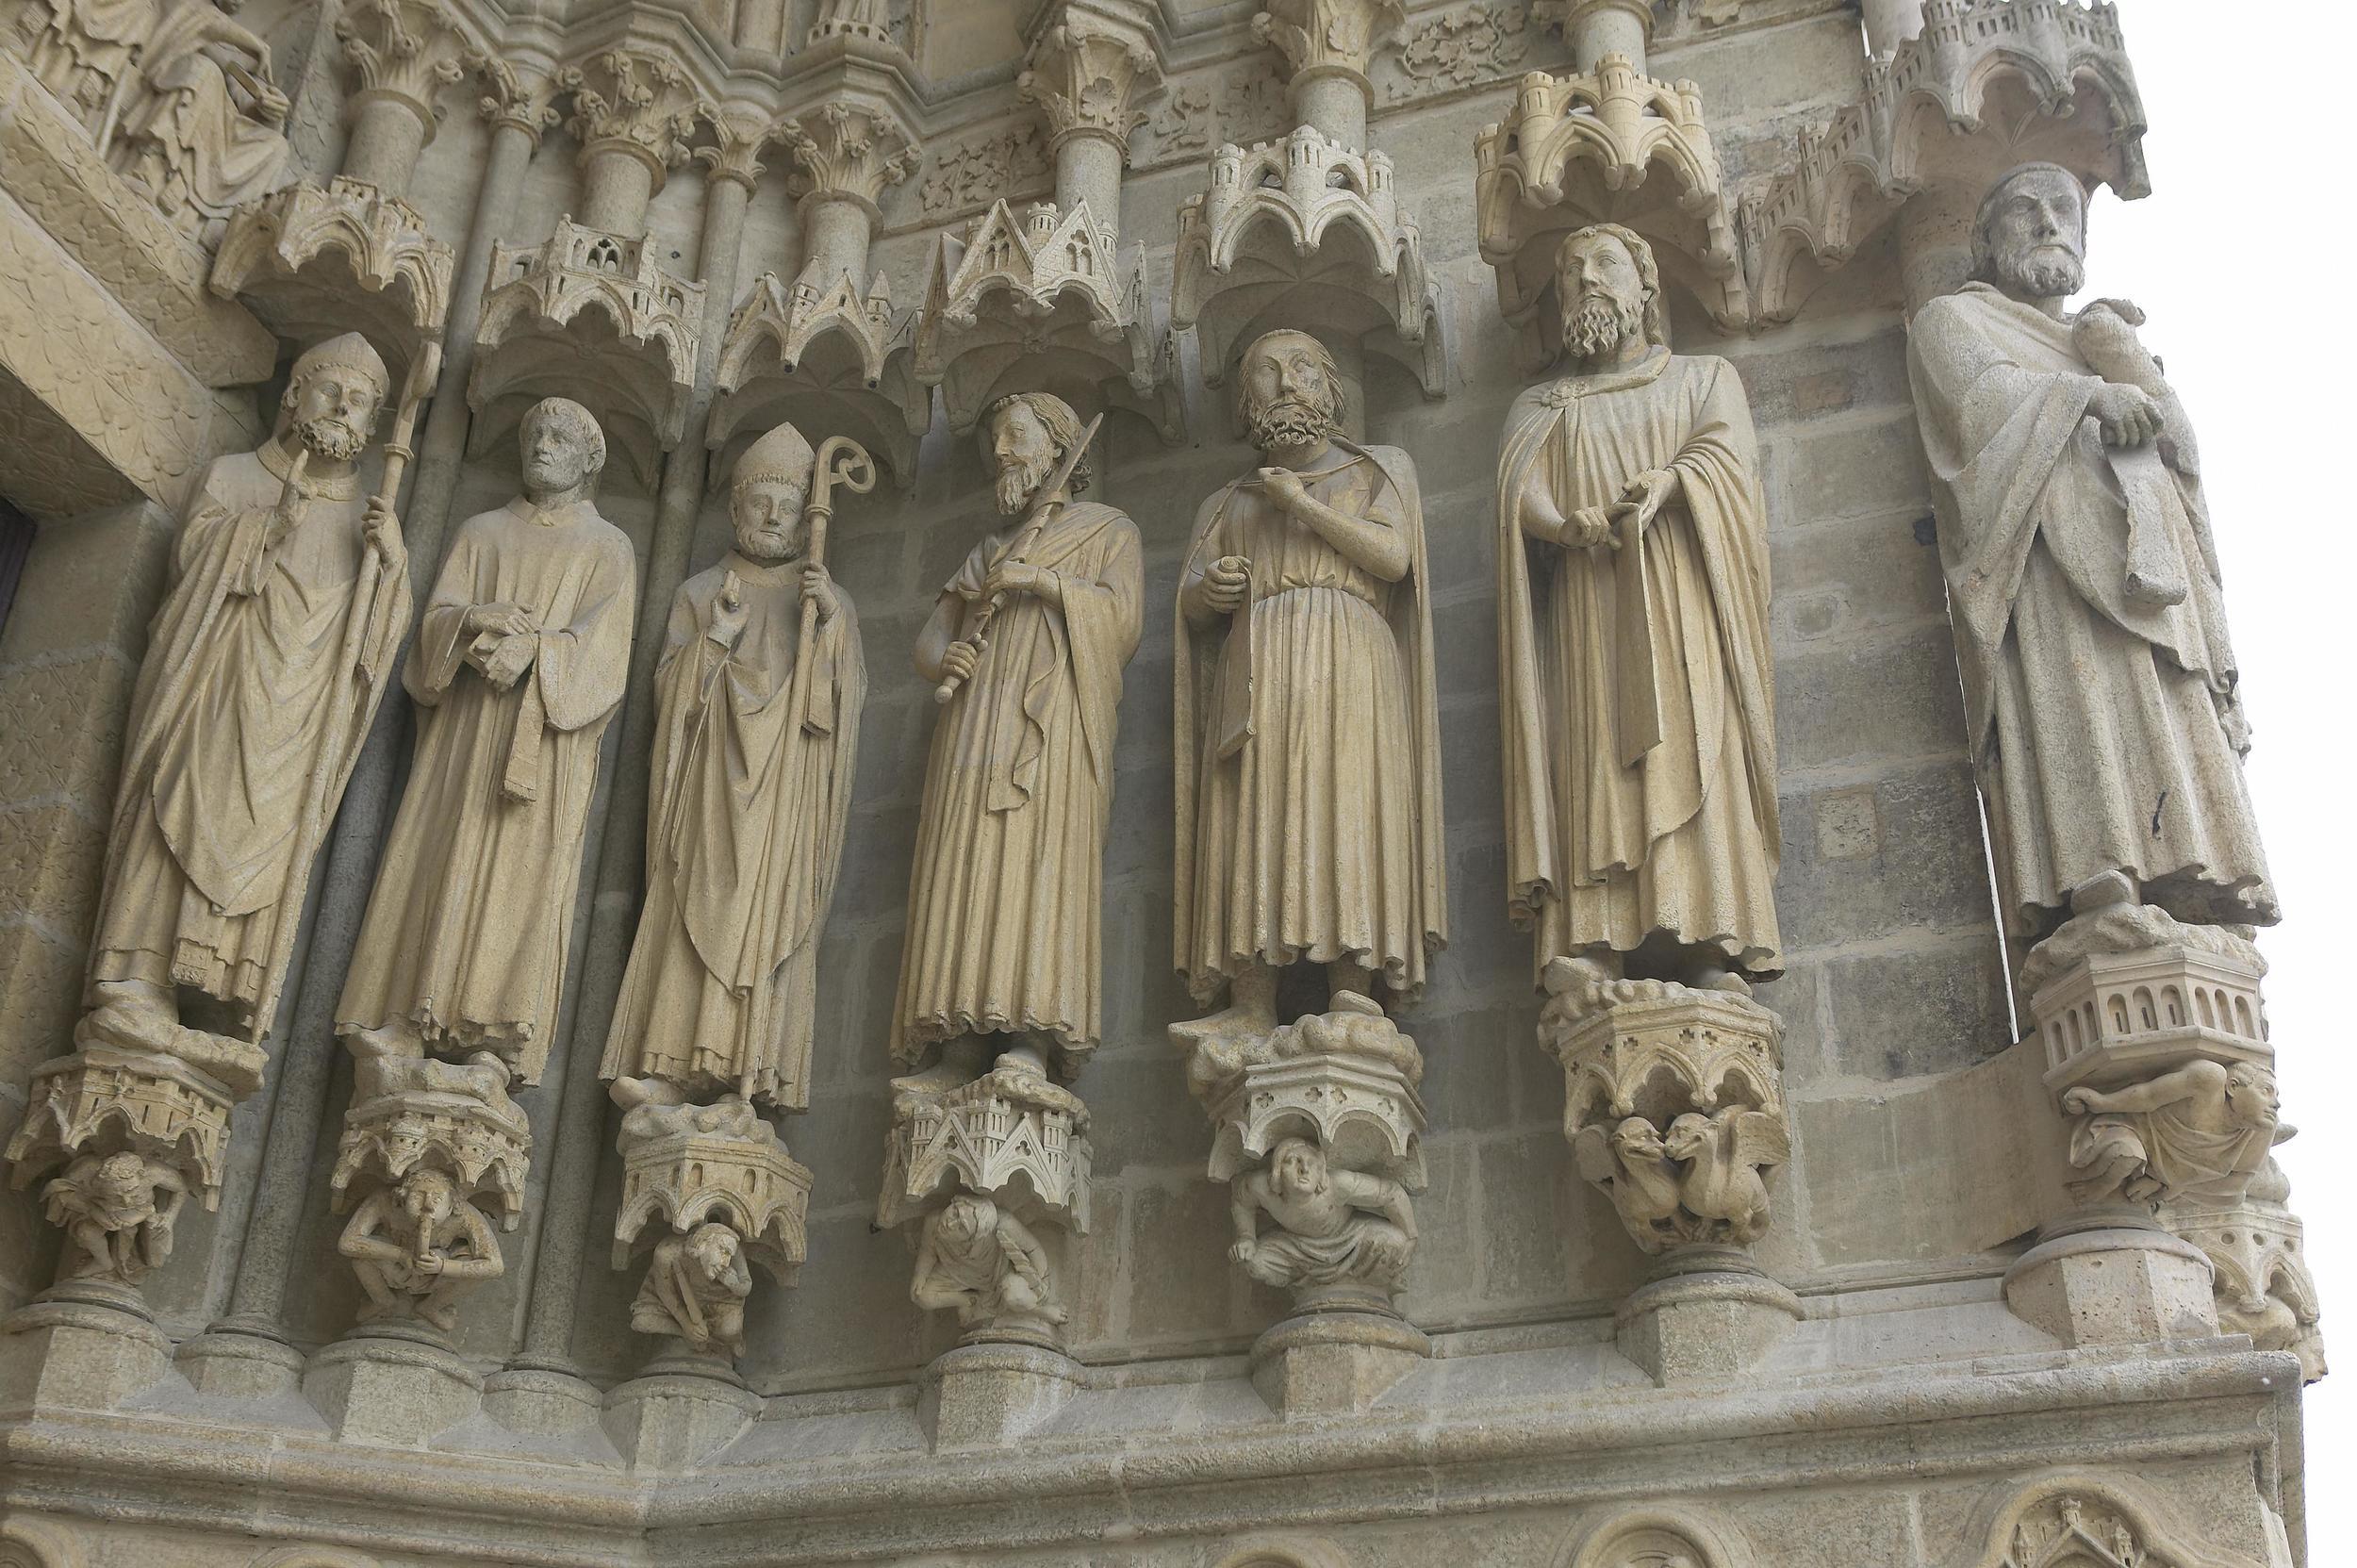 Jamb Figures: Saint Firmin, Saint Domice, Saint Sauve, Saint Fuscien, Saint Warle and Saint Luxor